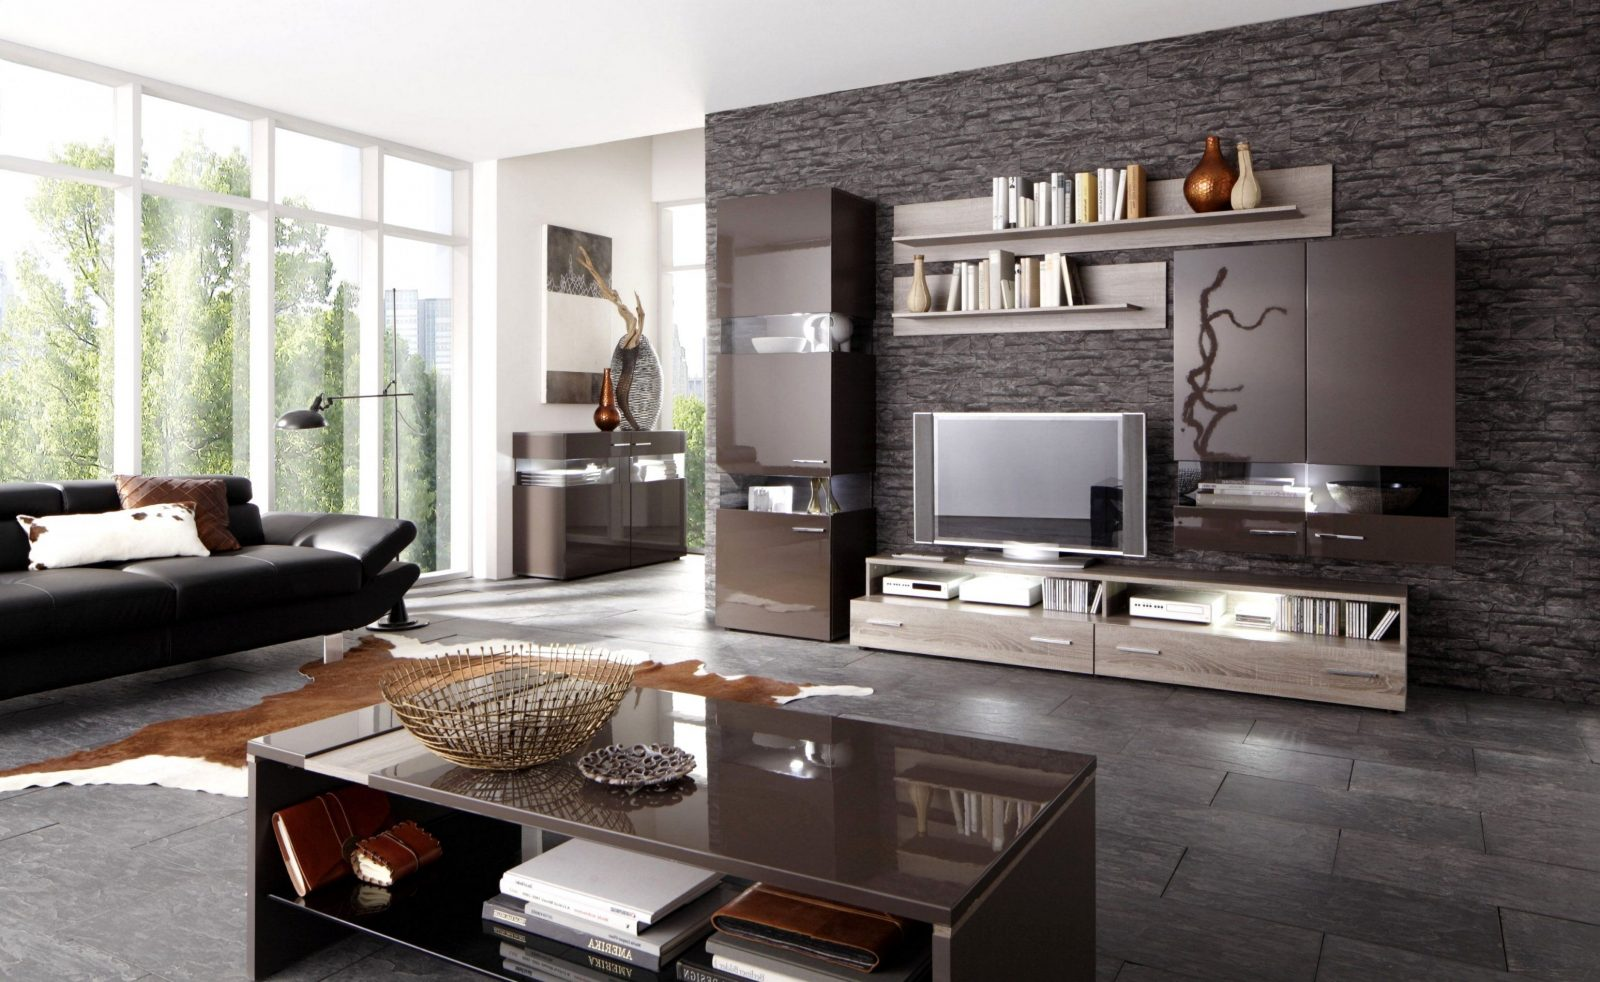 Wohnzimmer Renovieren Ideen Liebenswert Wohnzimmer Renovierung Ideen von Wohnzimmer Renovieren Ideen Bilder Bild